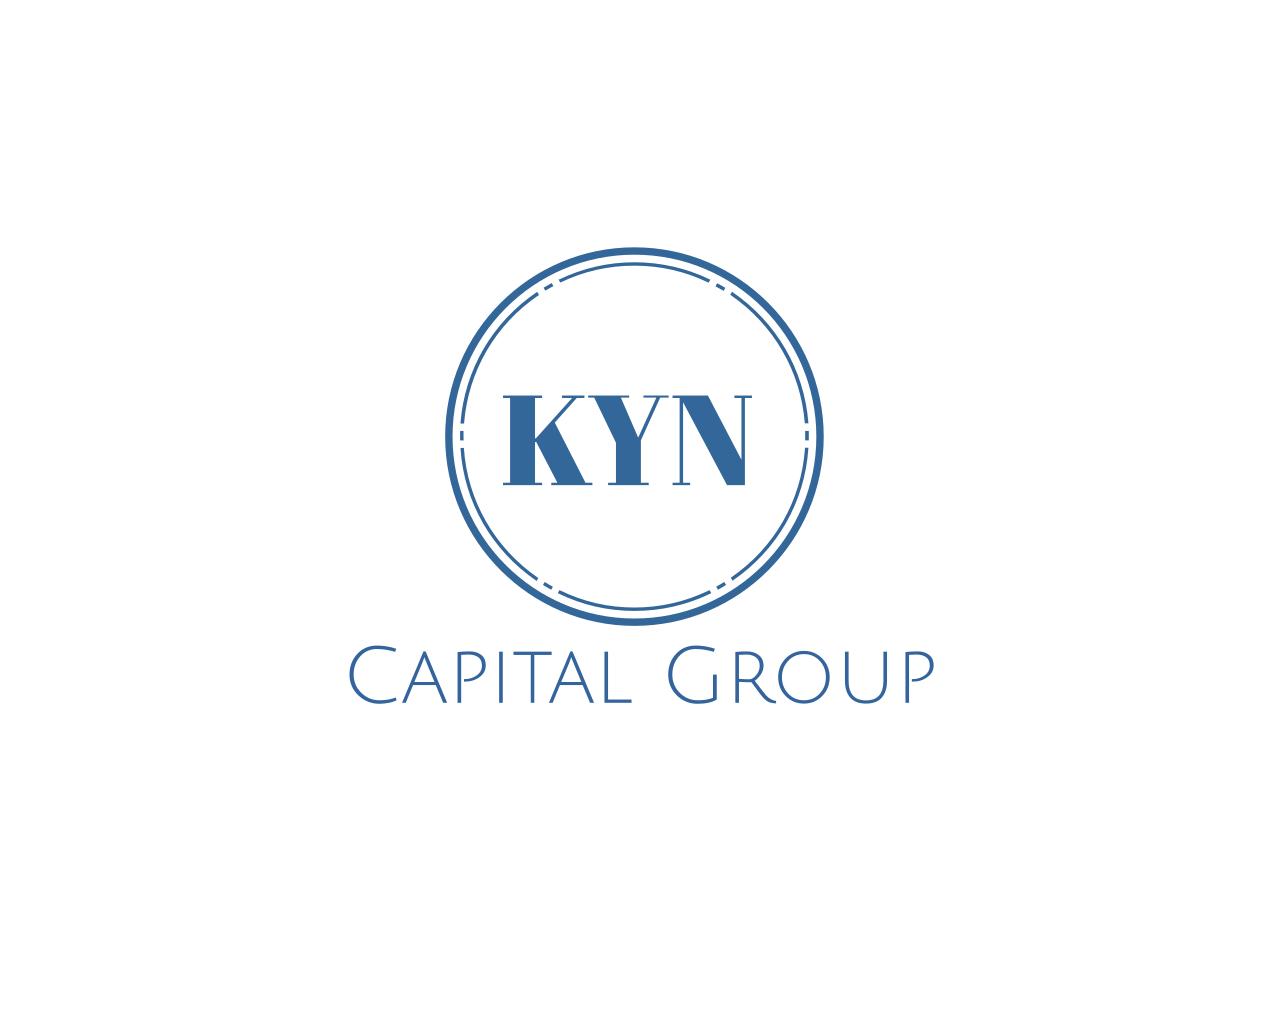 KYN Capital Group, Inc